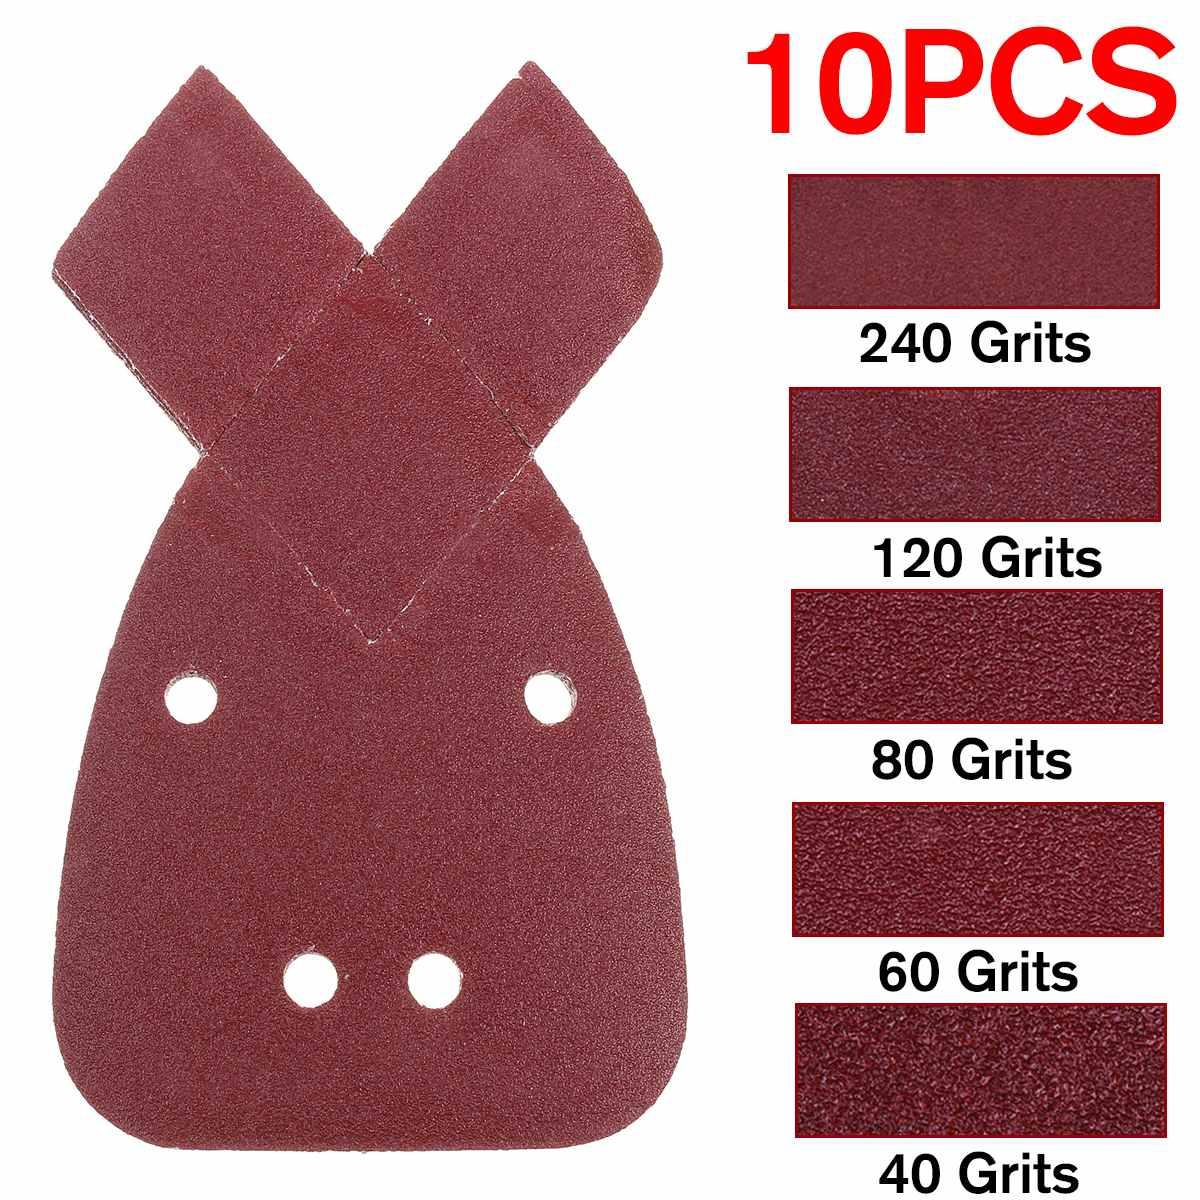 10 Uds. Papel lijado de 40/60/80/120/240 Moses lijar hojas almohadillas lijas de papel para pulir negro y Decker